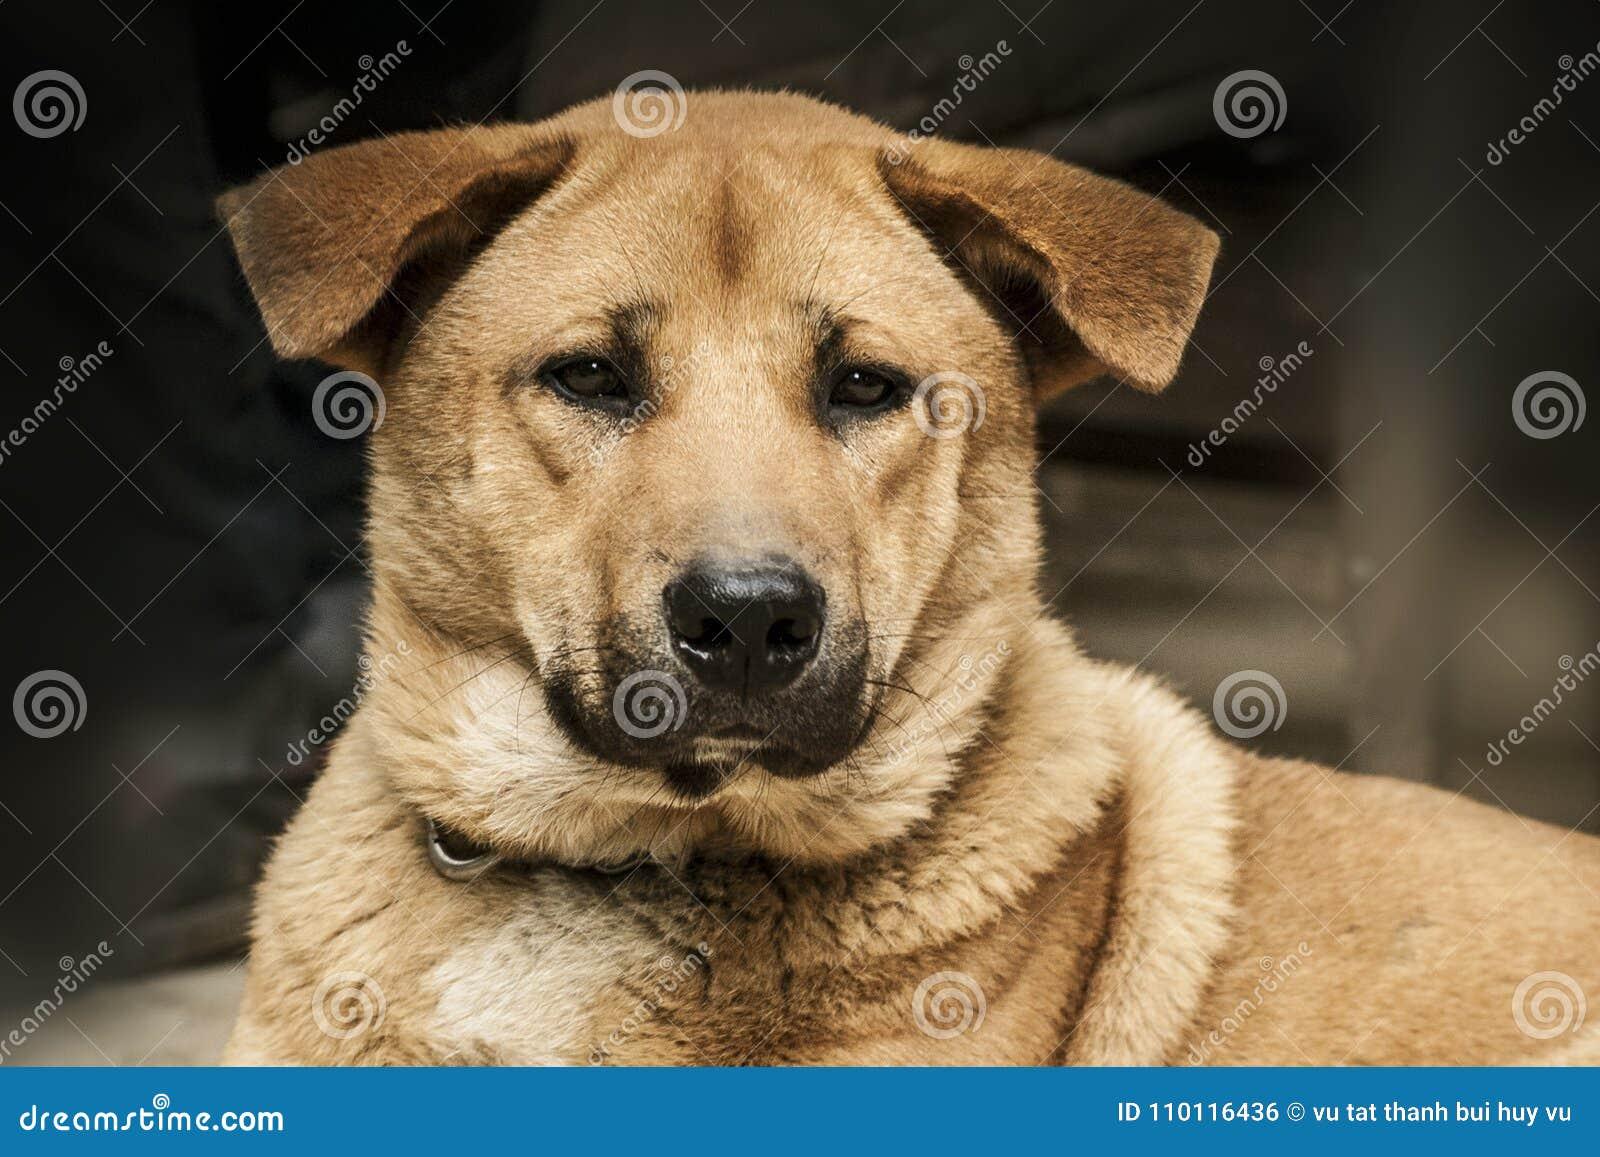 Cara do cão Retrato do animal de estimação animal Animalia Amante animal Amante do cão canine canis